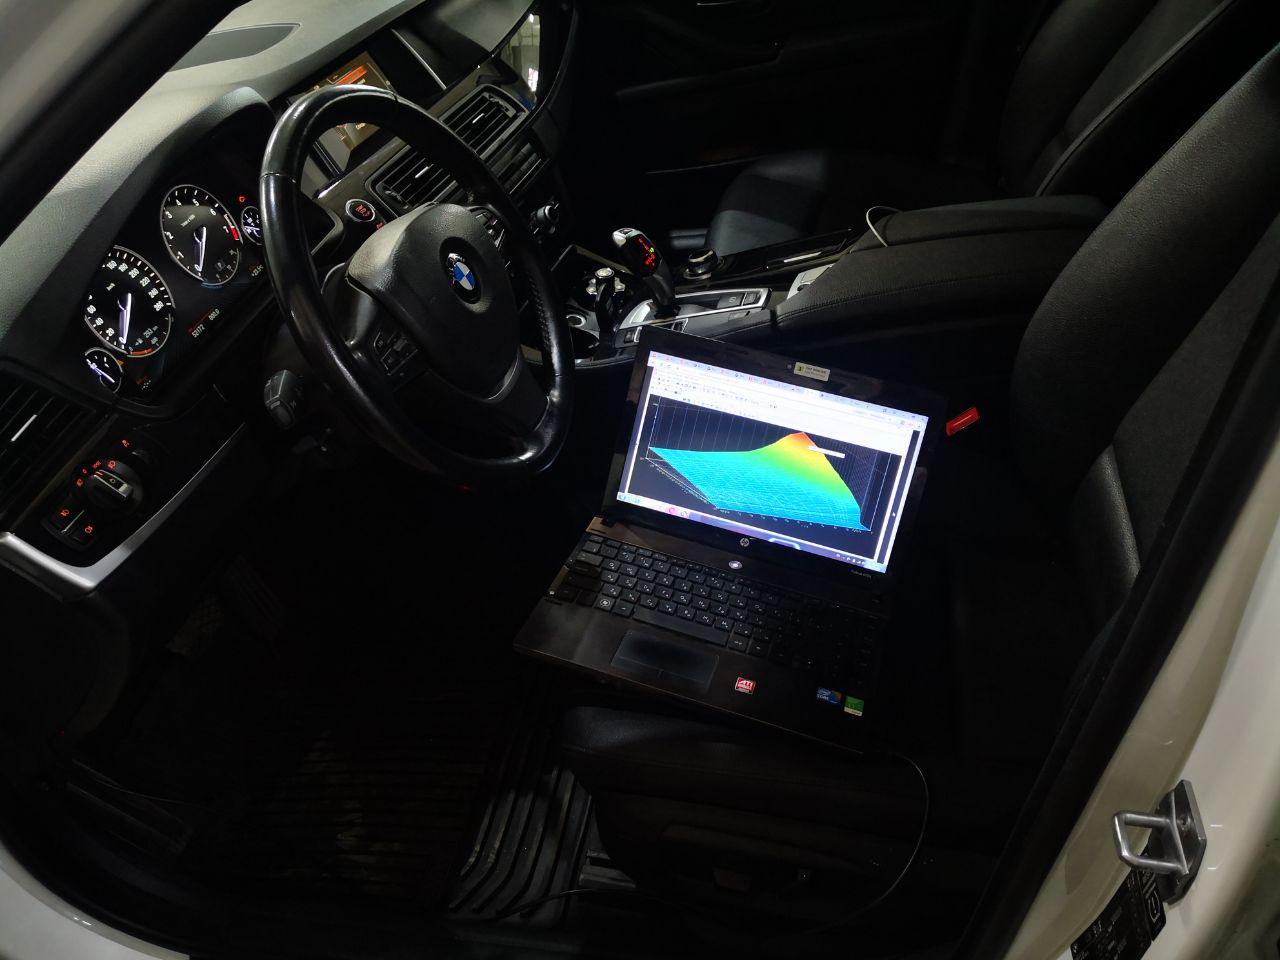 Чип тюнинг BMW F10 520i, BMWupgrade, Екатеринбург